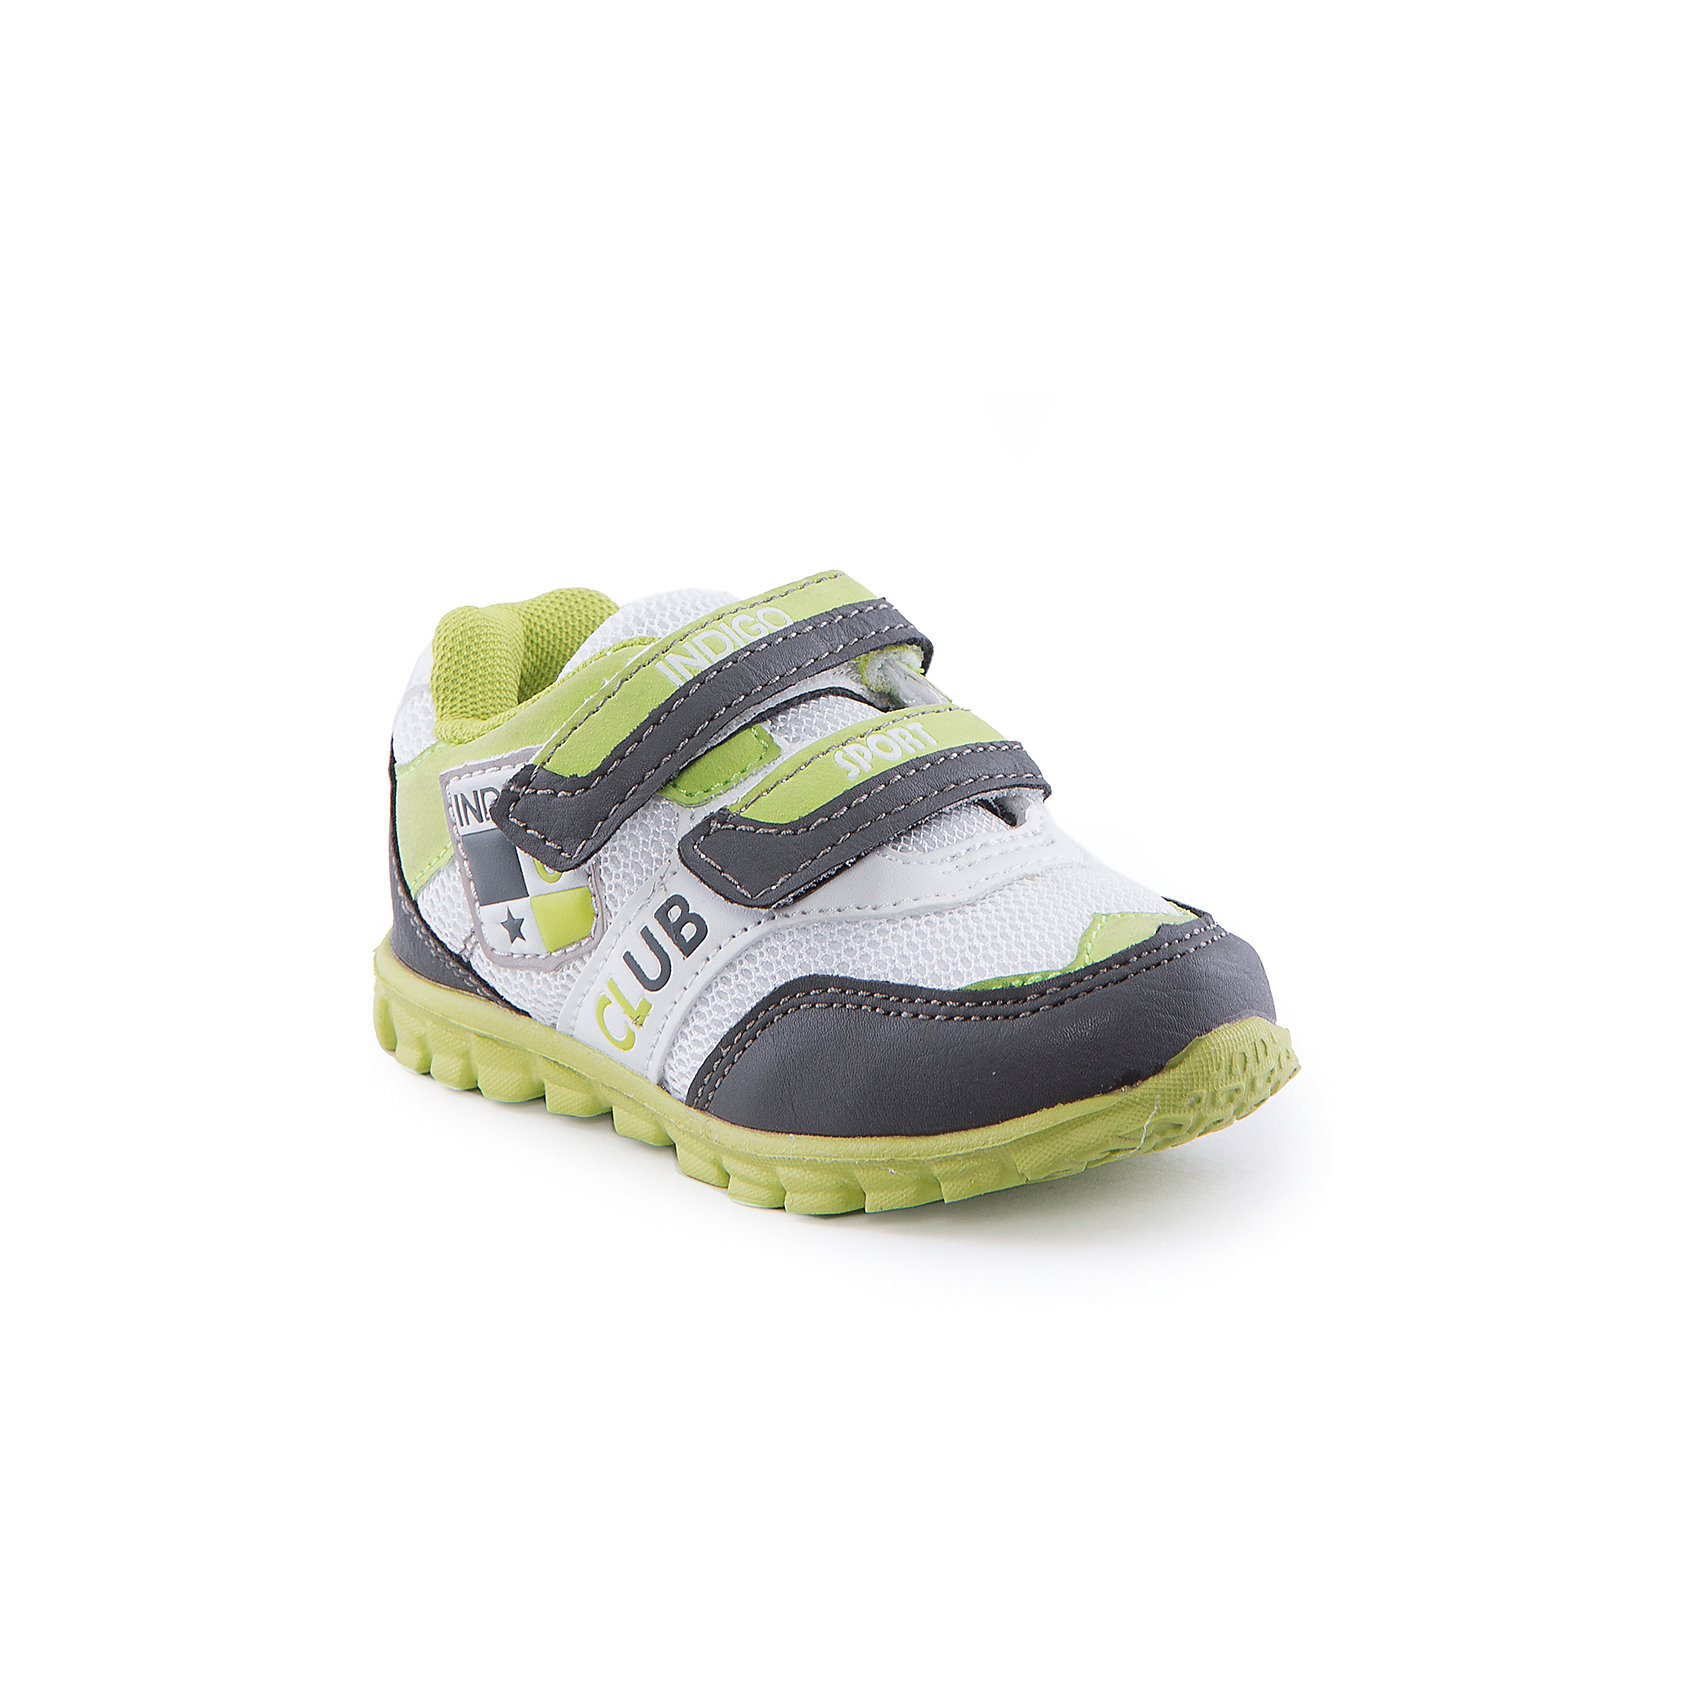 Кроссовки для мальчика Indigo kidsКроссовки<br>Ботинки для мальчика от известного бренда Indigo kids<br><br>Яркие и стильные кроссовки позволяют ножкам ребенка свободно дышать. Они легко надеваются и комфортно садятся по ноге. <br><br>Особенности модели:<br><br>- цвет - салатовый, серый, белый;<br>- стильный дизайн;<br>- удобная колодка;<br>- текстильная подкладка;<br>- украшены яркими вставками;<br>- устойчивая подошва;<br>- дышащая ткань;<br>- застежки: липучки.<br><br>Дополнительная информация:<br><br>Температурный режим:<br>от +10° С до +20° С<br><br>Состав:<br><br>верх – искусственная кожа/текстиль;<br>подкладка - текстиль;<br>подошва - ТЭП.<br><br>Ботинки для мальчика Indigo kids (Индиго Кидс) можно купить в нашем магазине.<br><br>Ширина мм: 262<br>Глубина мм: 176<br>Высота мм: 97<br>Вес г: 427<br>Цвет: серый<br>Возраст от месяцев: 12<br>Возраст до месяцев: 15<br>Пол: Мужской<br>Возраст: Детский<br>Размер: 21,25,24,23,22,26<br>SKU: 4520216